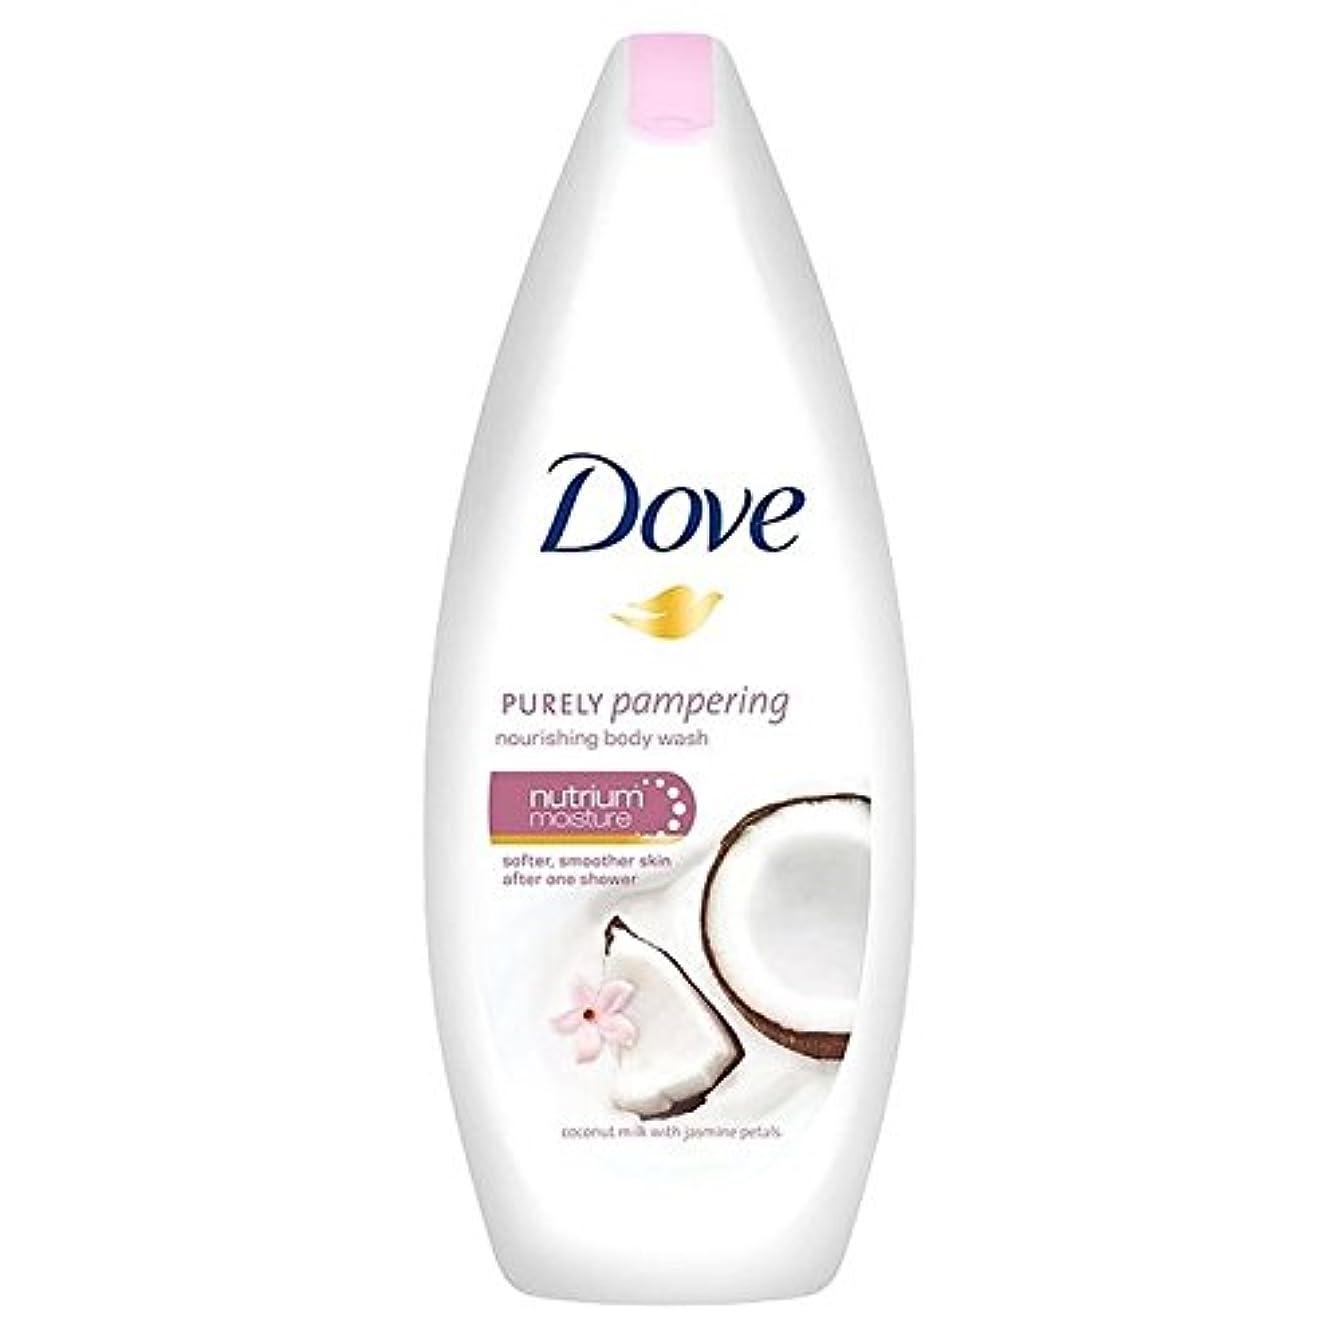 ホイットニー致命的兄Dove Purely Pampering Coconut Body Wash 250ml - 鳩純粋に甘やかすココナッツボディウォッシュ250ミリリットル [並行輸入品]